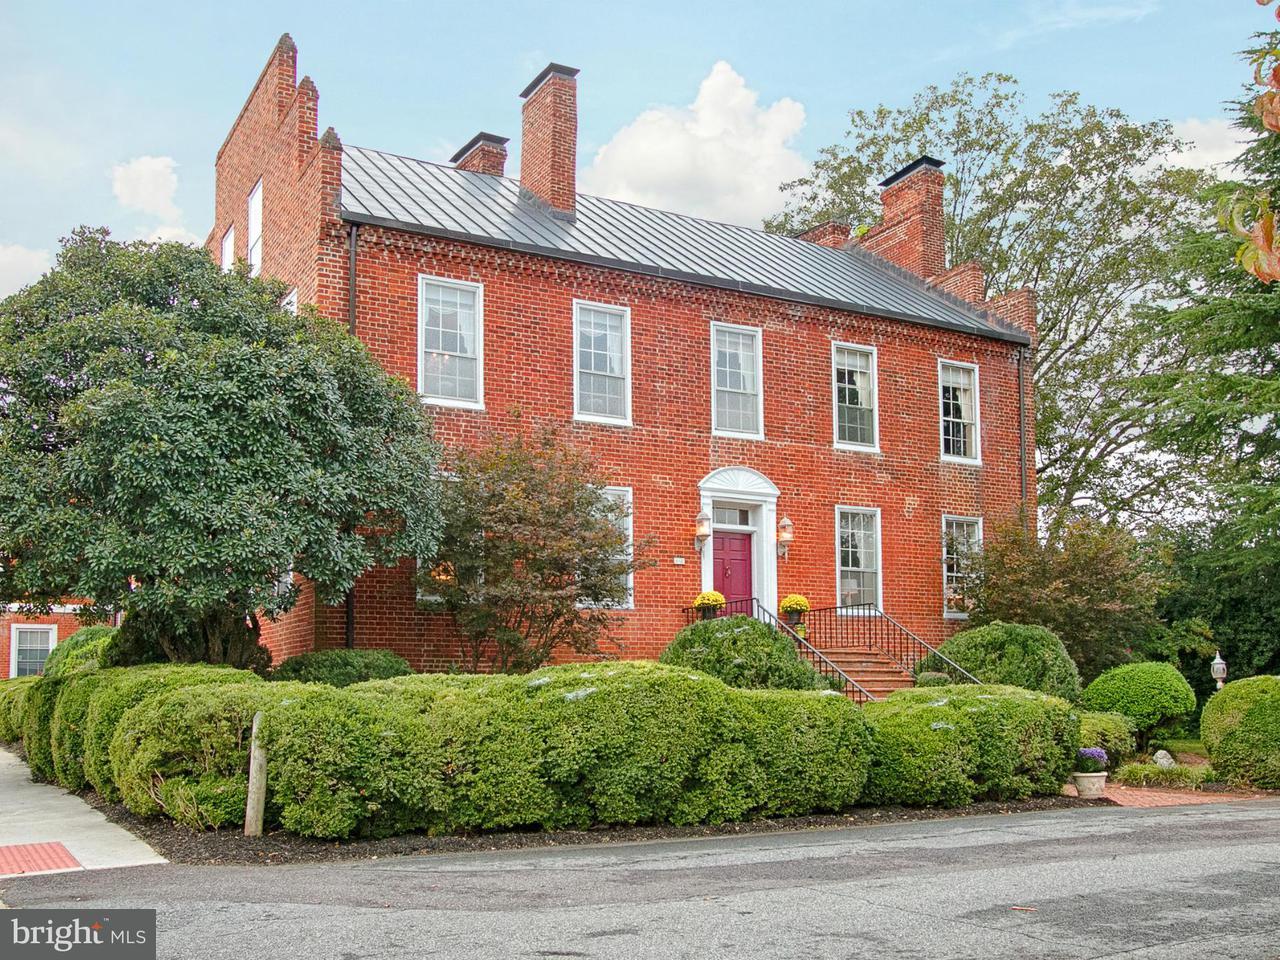 独户住宅 为 销售 在 1 COURT SQ 1 COURT SQ 麦迪逊, 弗吉尼亚州 22727 美国